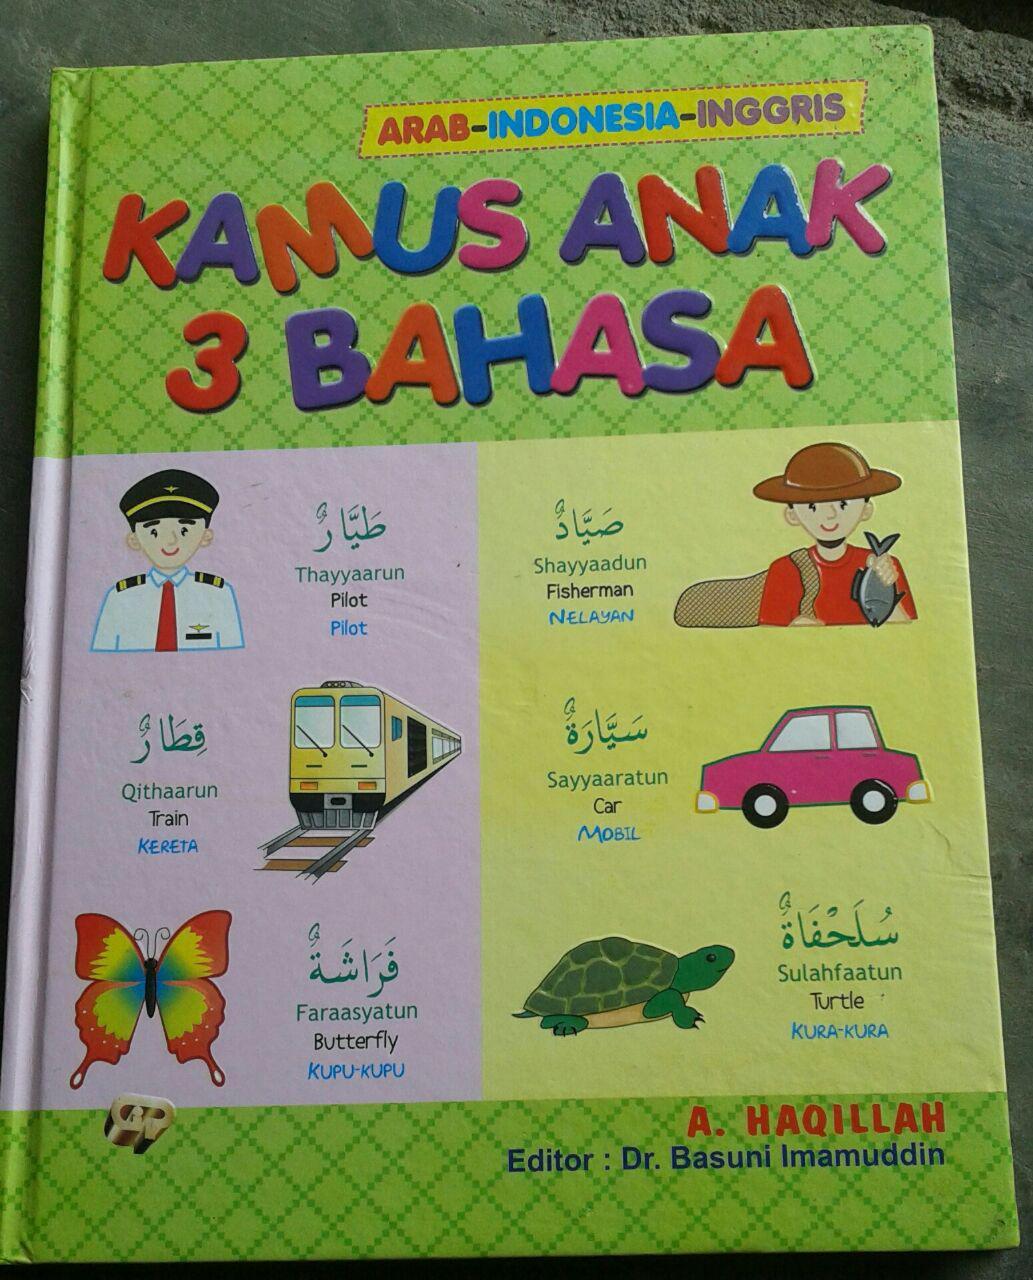 Buku Kamus Anak 3 Bahasa Arab Indonesia Inggris cover